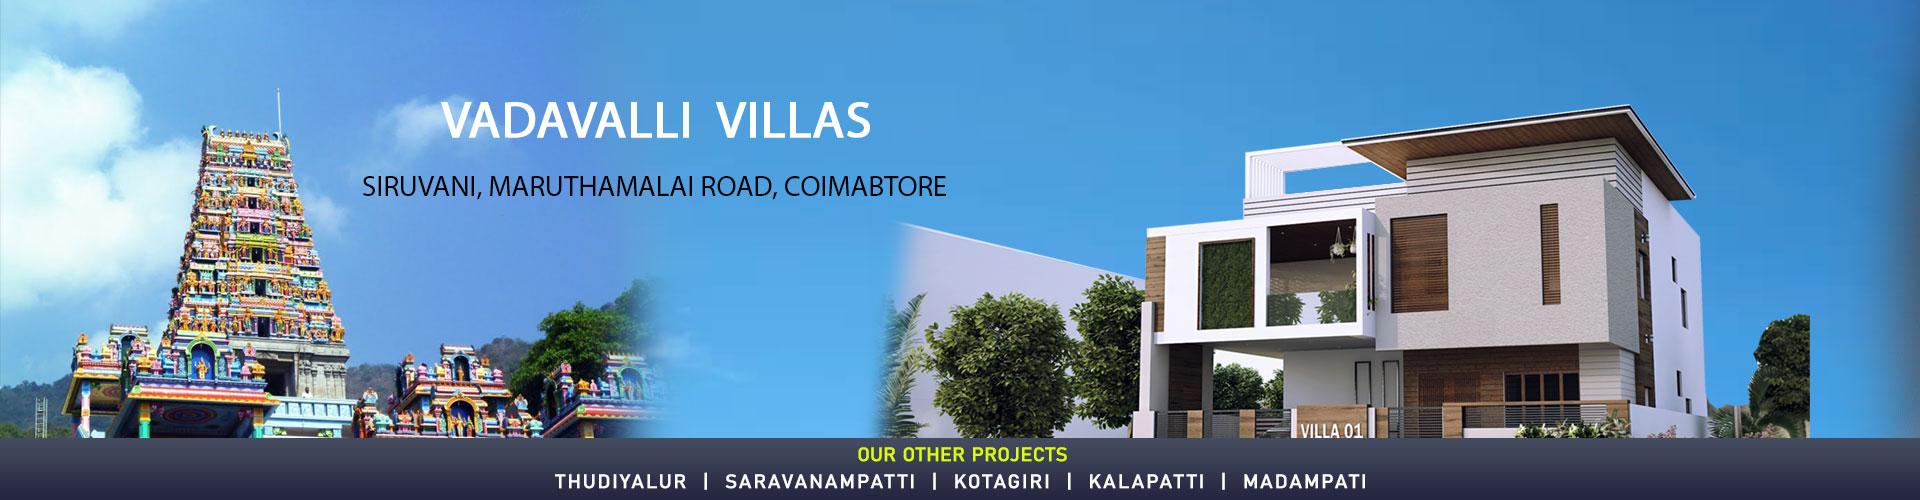 Premium Villas for sales in Coimbatore